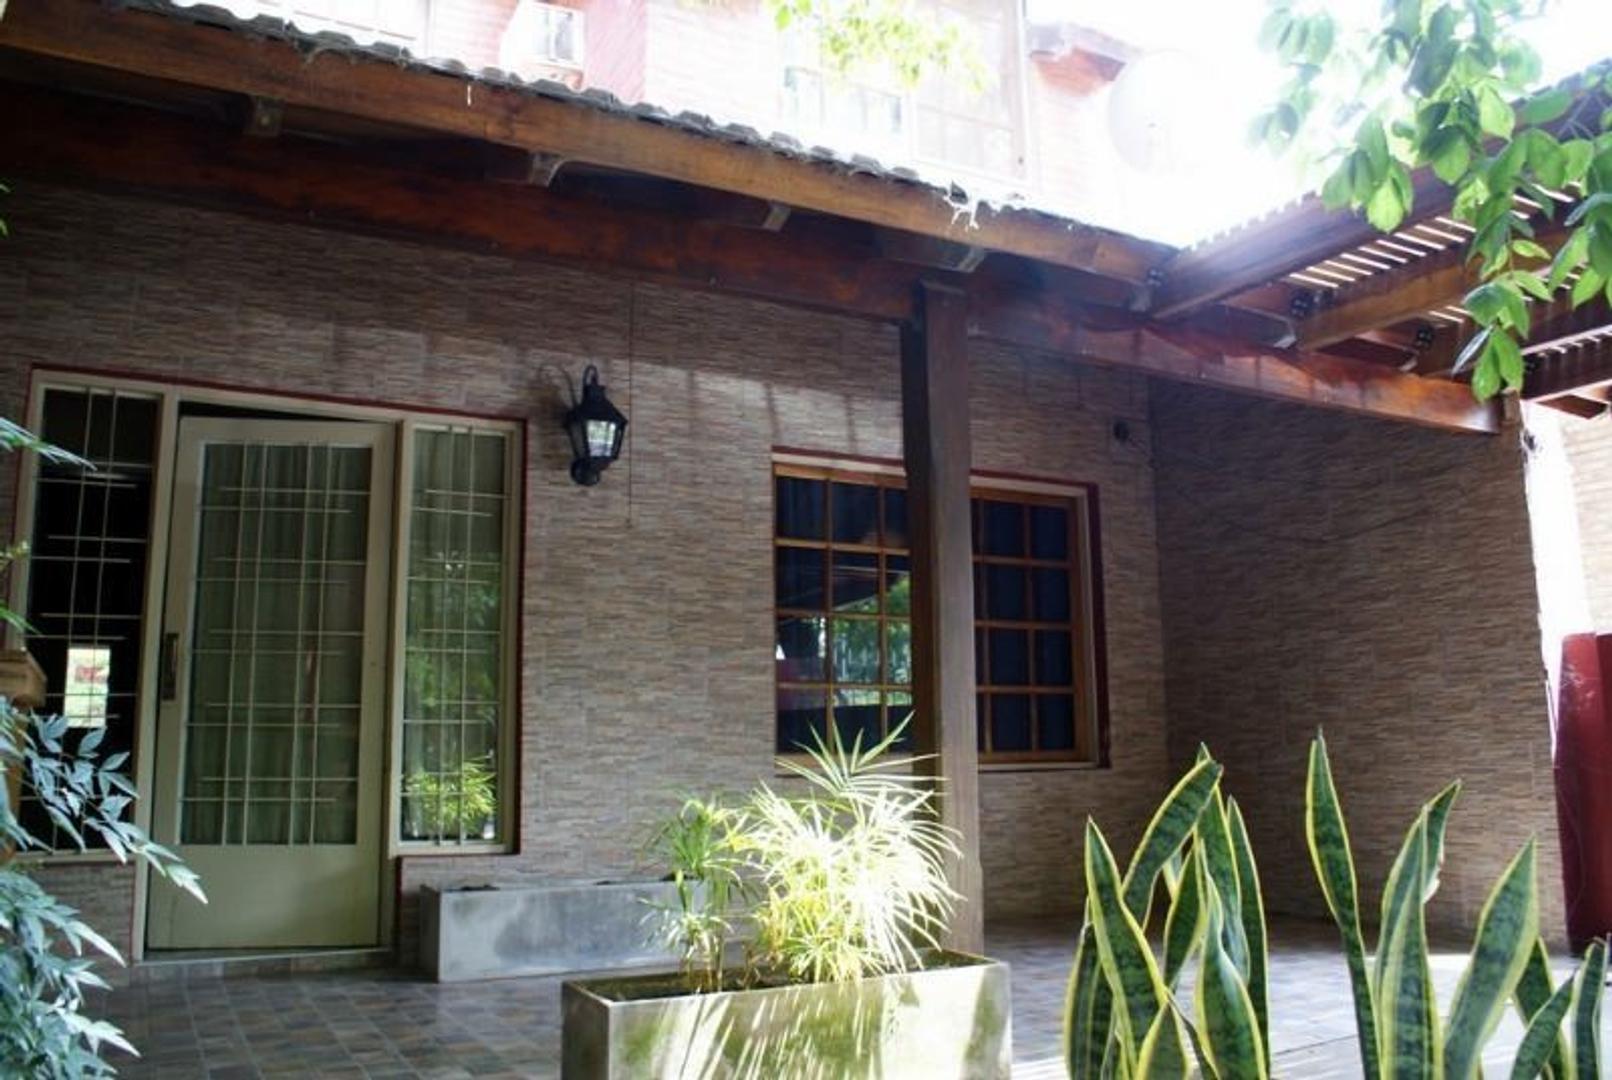 Chalet en Venta. Del Viso. 2 viviendas. 7 dormitorios. Garage. Jardín. Gas Natural. Asfalto.